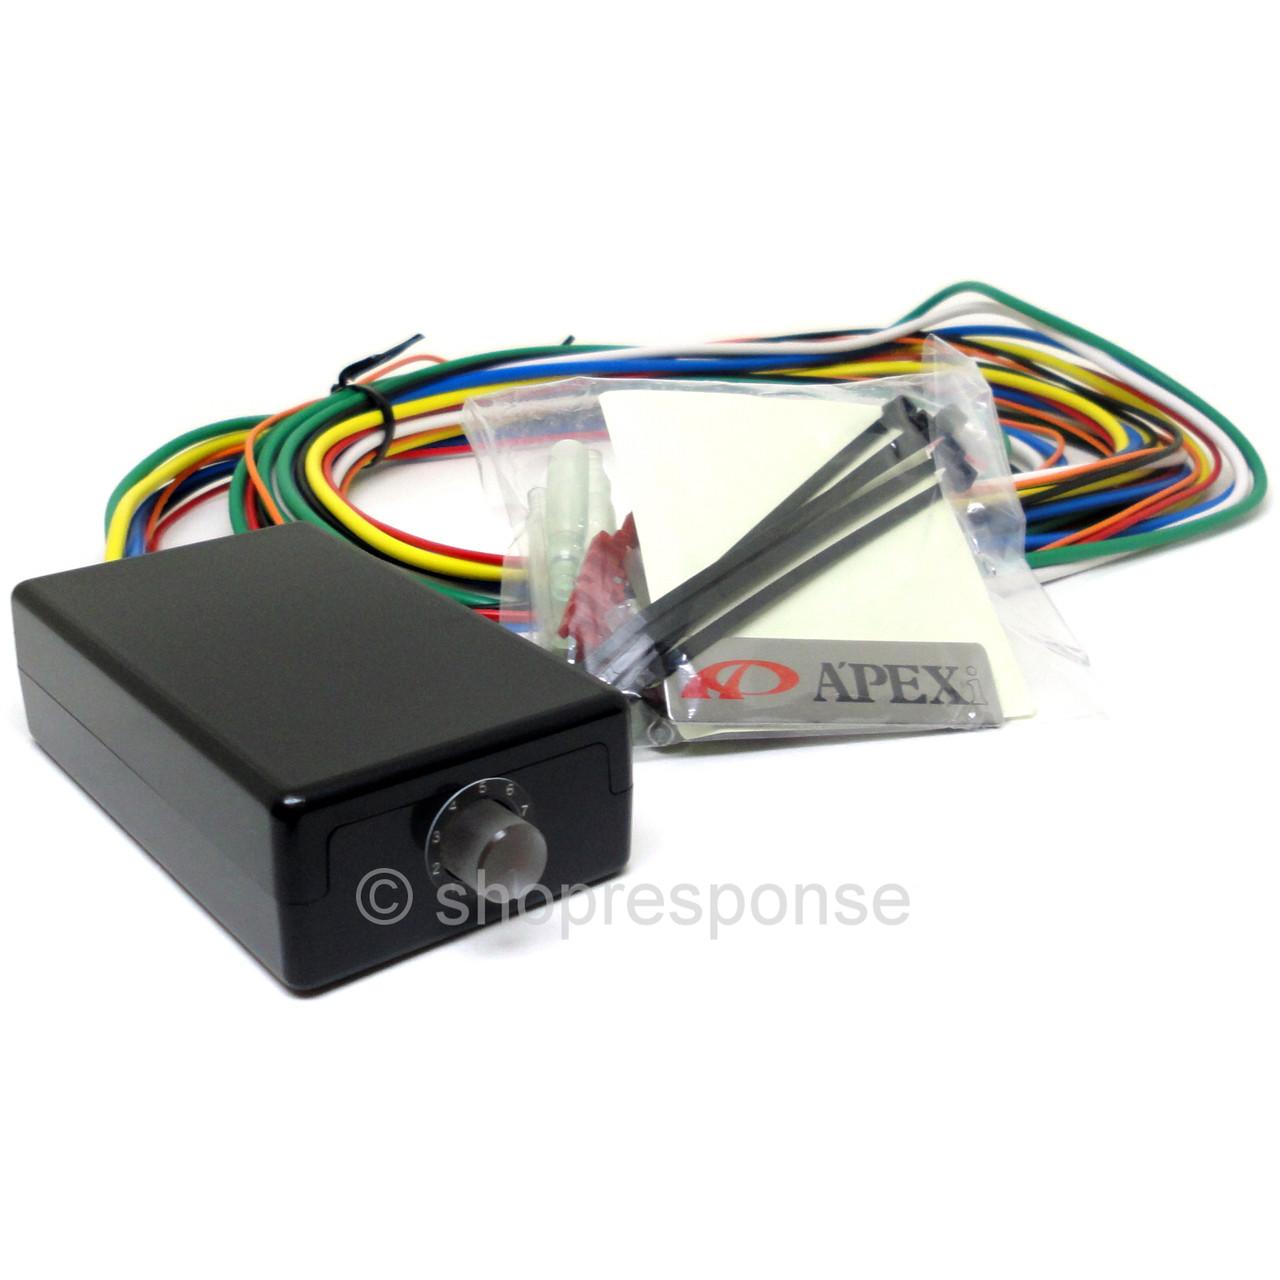 APEXi 405-A021 E R O Flasher (Electronic Reconfigurable Output)